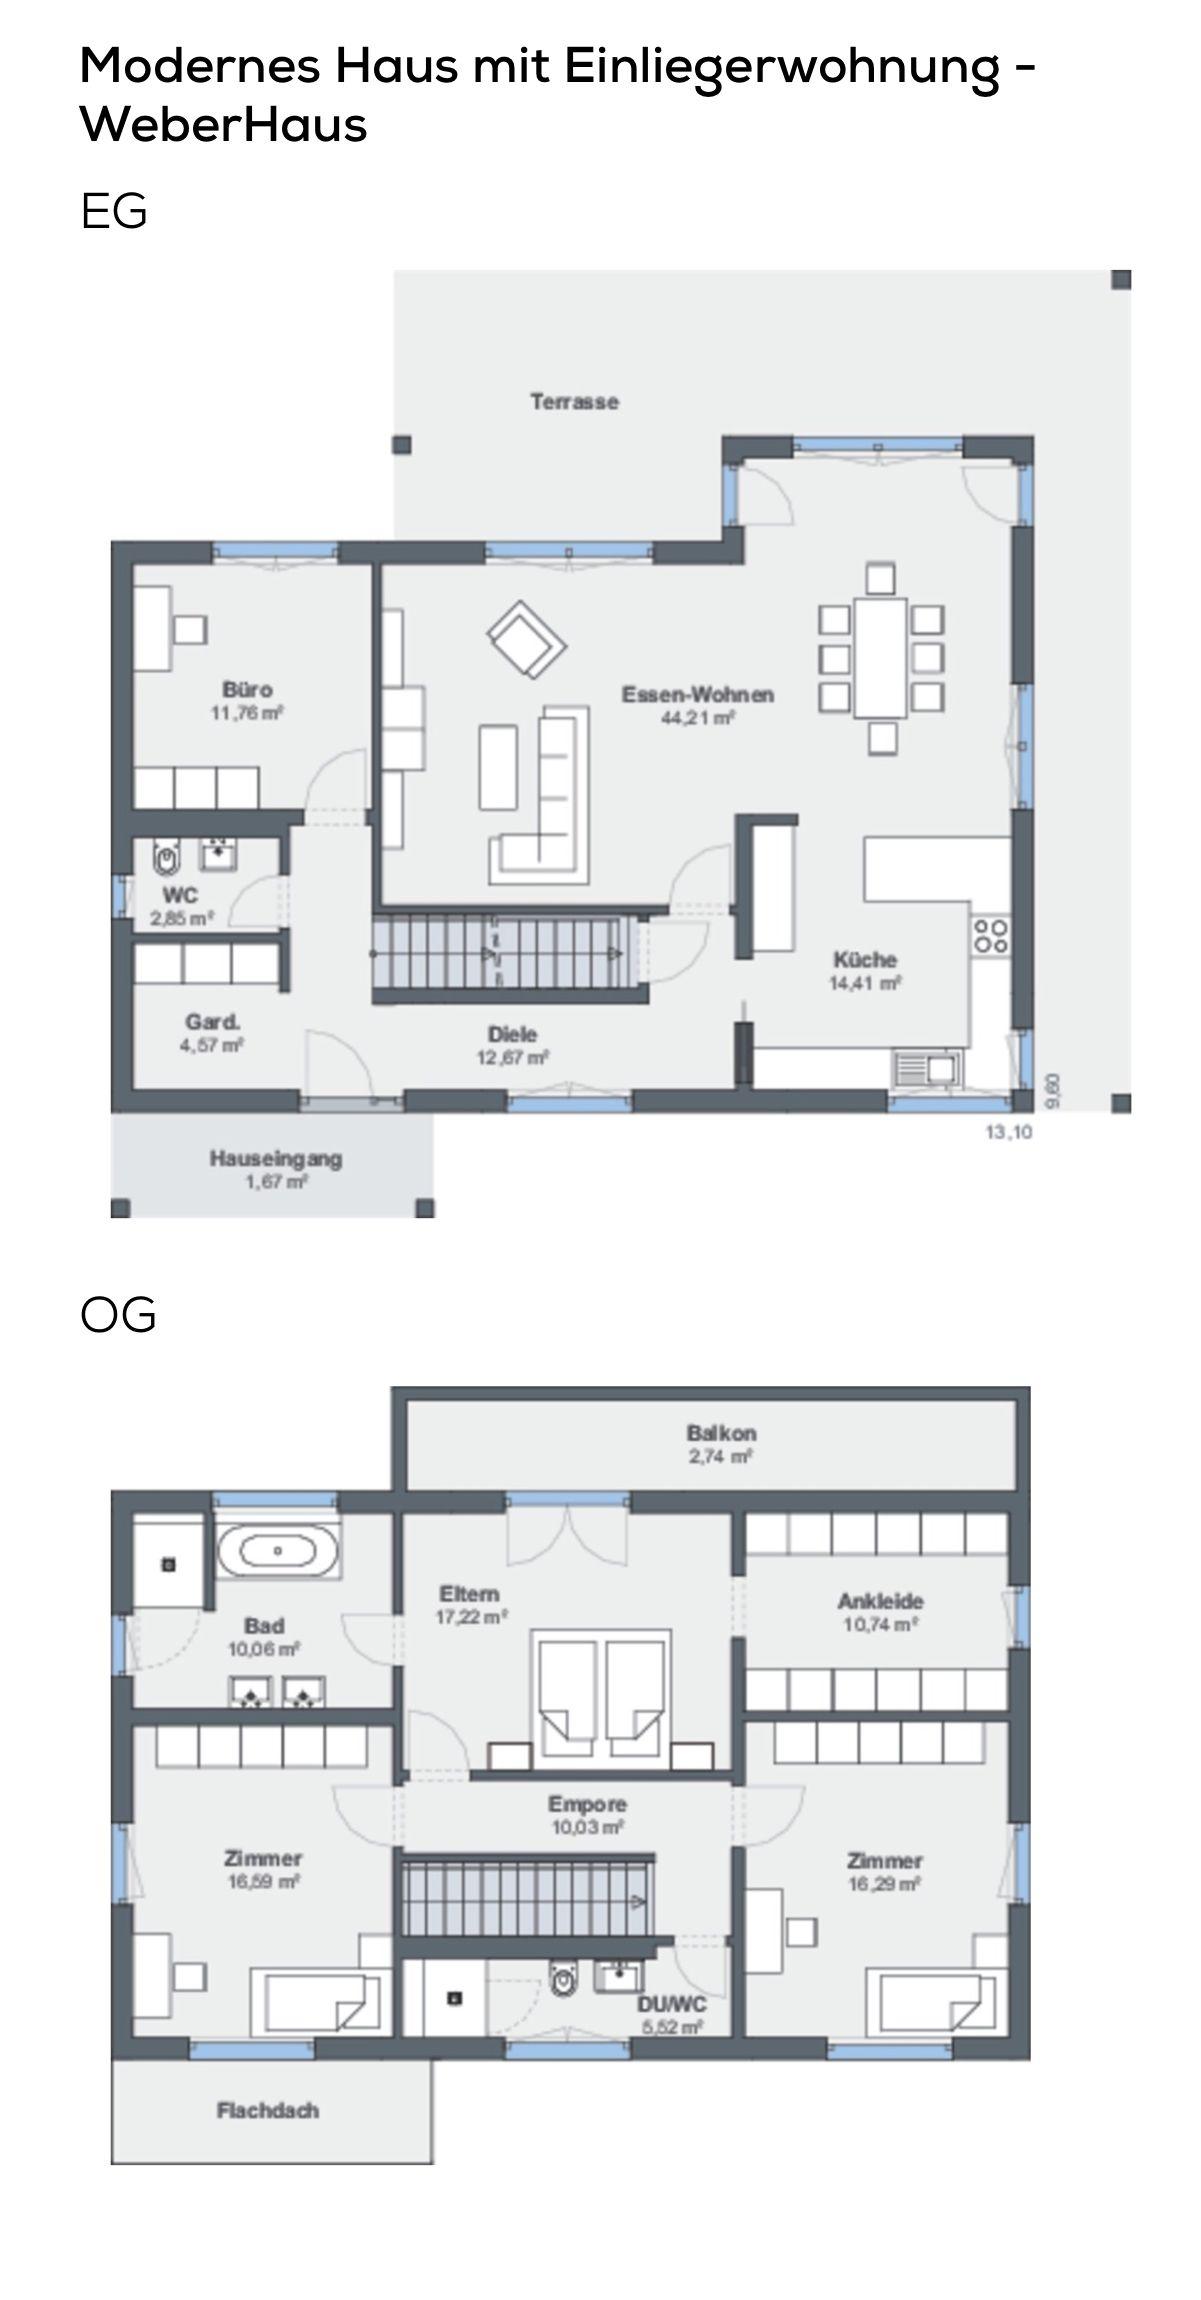 Grundriss Einfamilienhaus mit Garage & Einliegerwohnung in